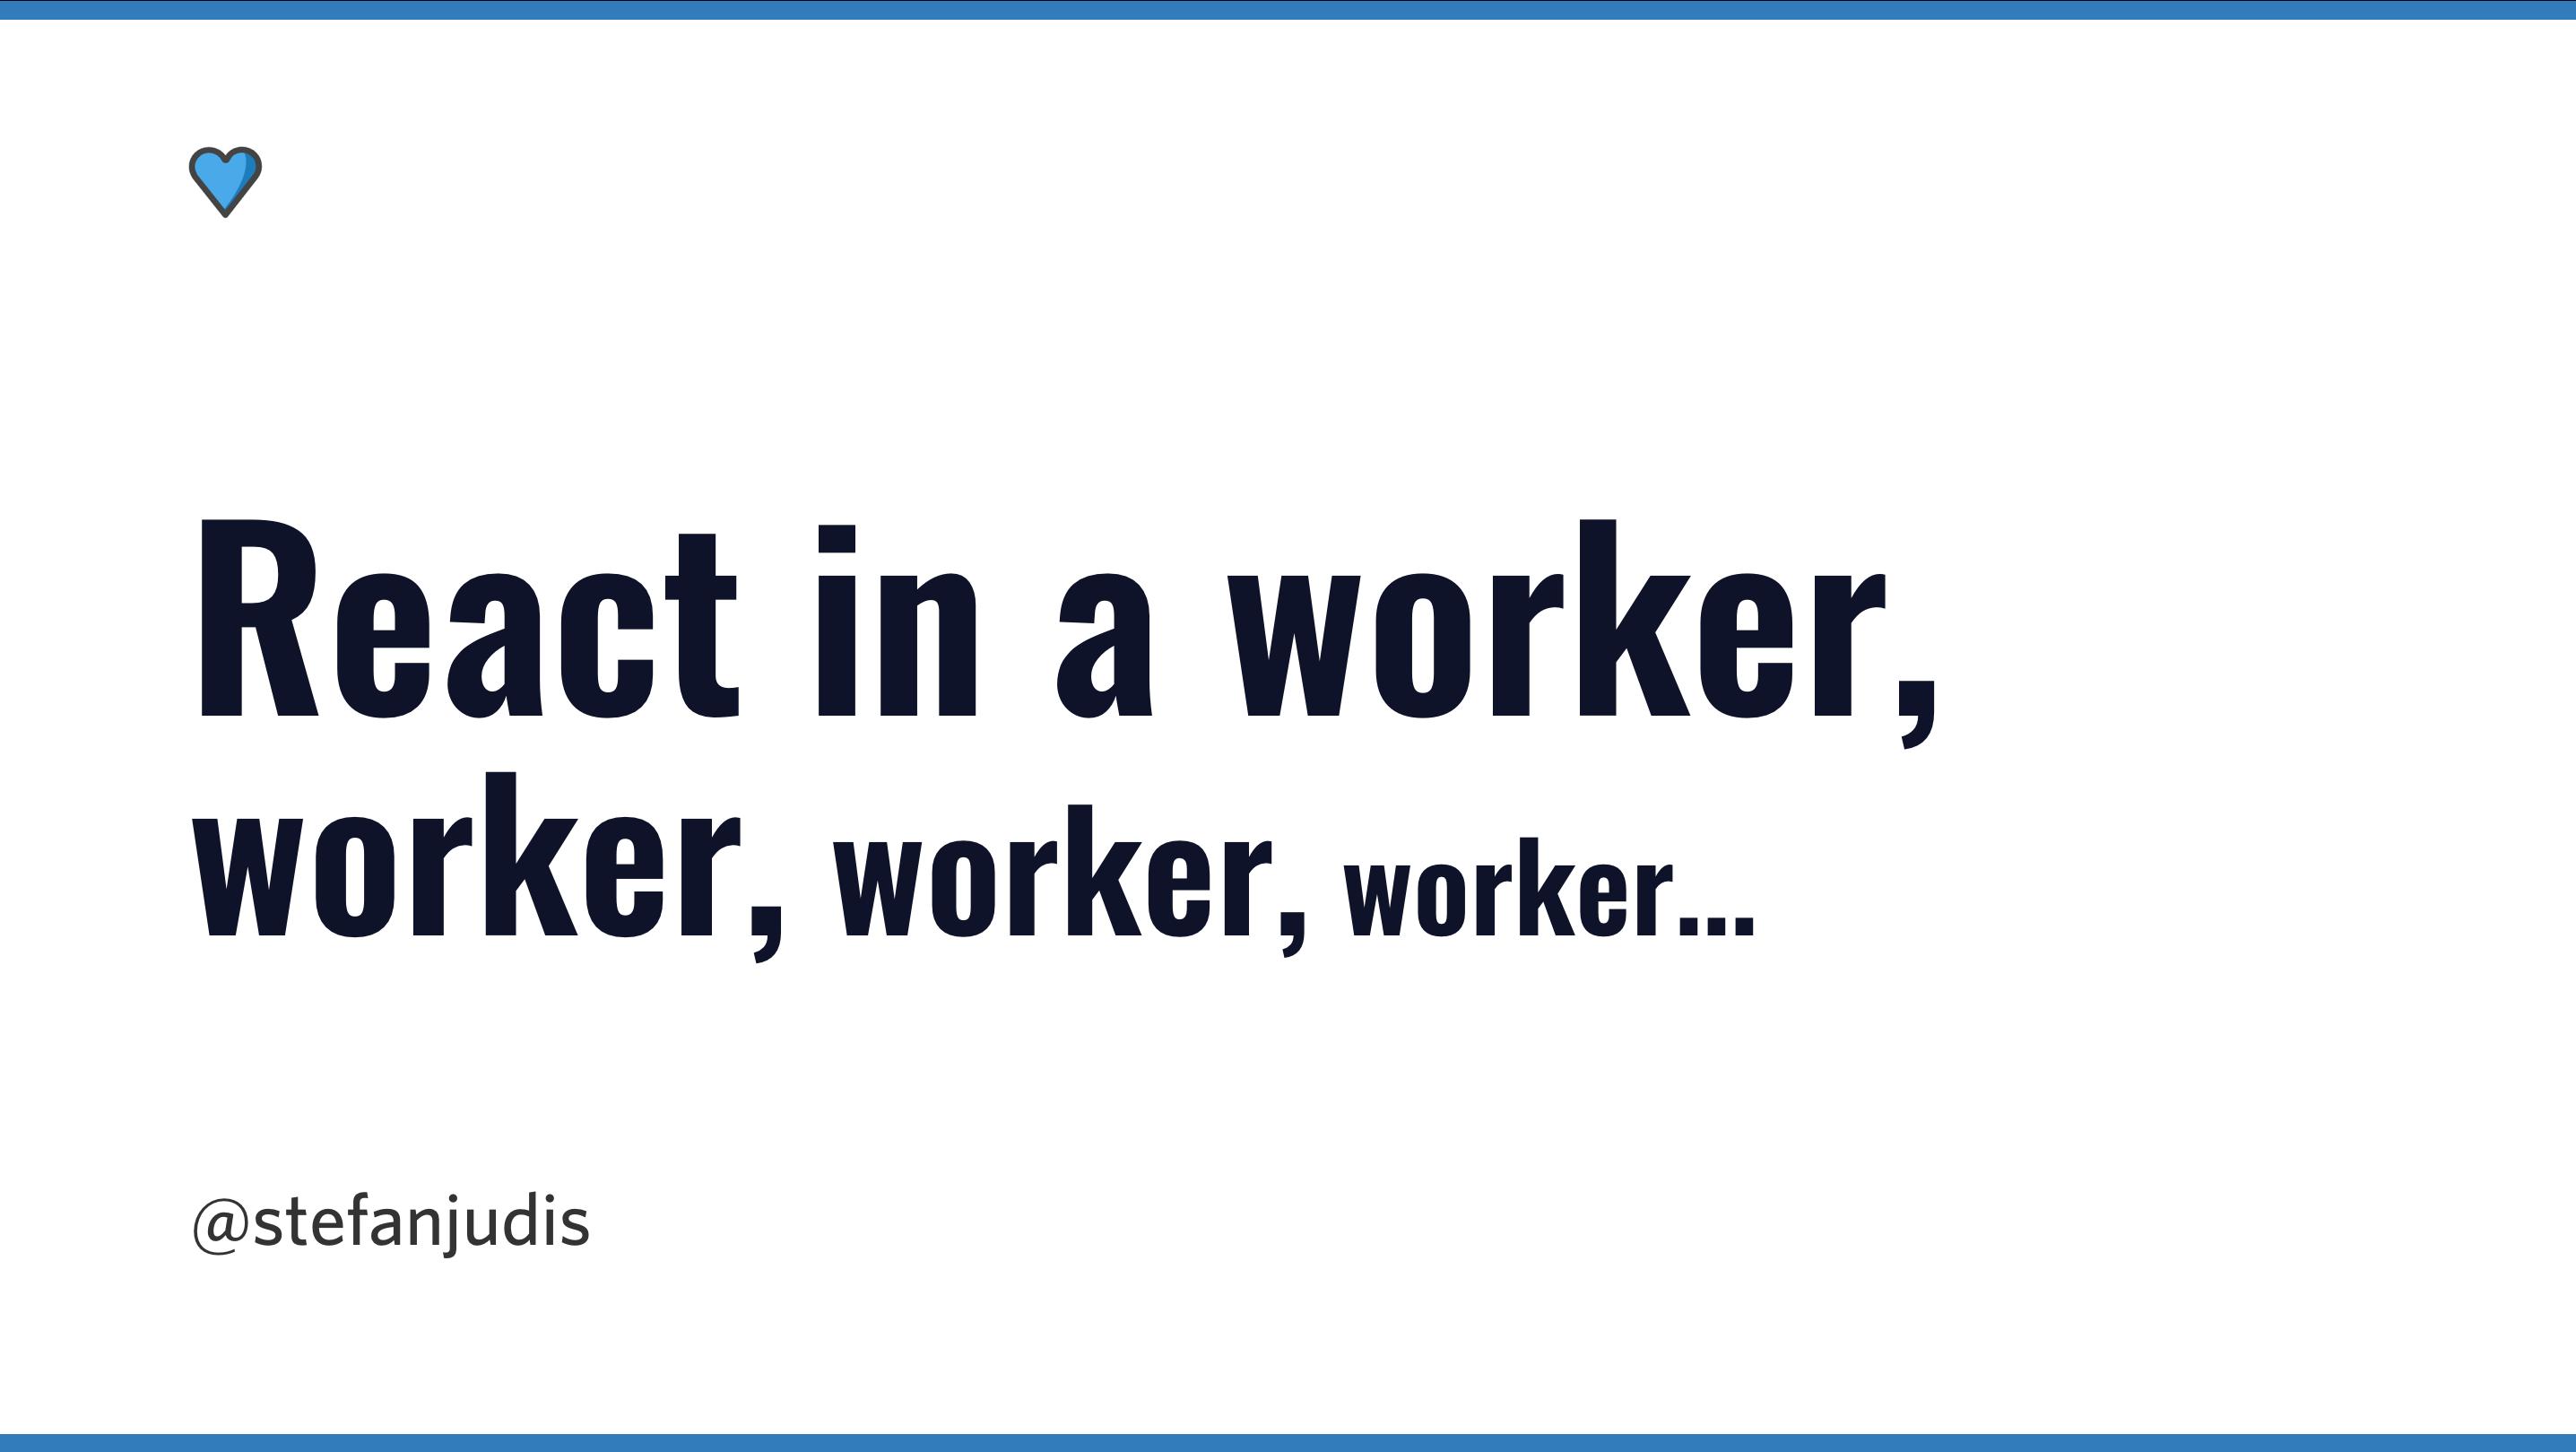 React in a worker, worker, worker...